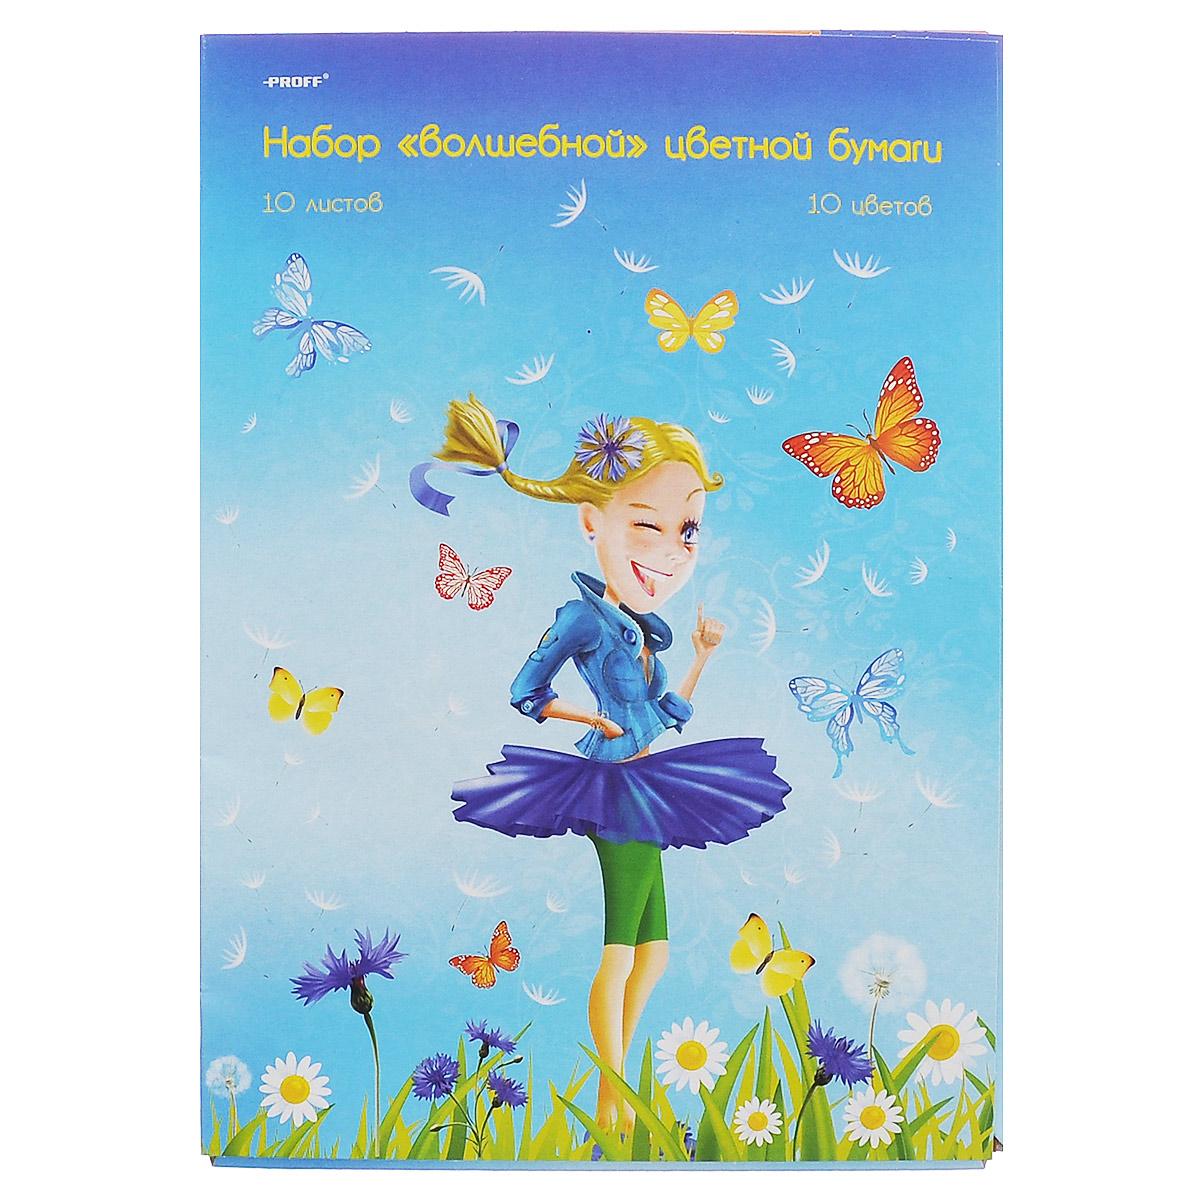 Набор цветной бумаги Proff Девочки-цветочки, 10 листов. MF15-CPS10MF15-CPS10Набор цветной бумаги Девочки-цветочки, в папке из мелованного картона, позволит создавать всевозможные аппликации и поделки. Набор состоит из таких цветов: желтый, черный, розовый, оранжевый, платиновый, красный, коричневый, зеленый, золотой, синий. Создание поделок из цветной бумаги позволяет ребенку развивать творческие способности, кроме того, это увлекательный досуг.